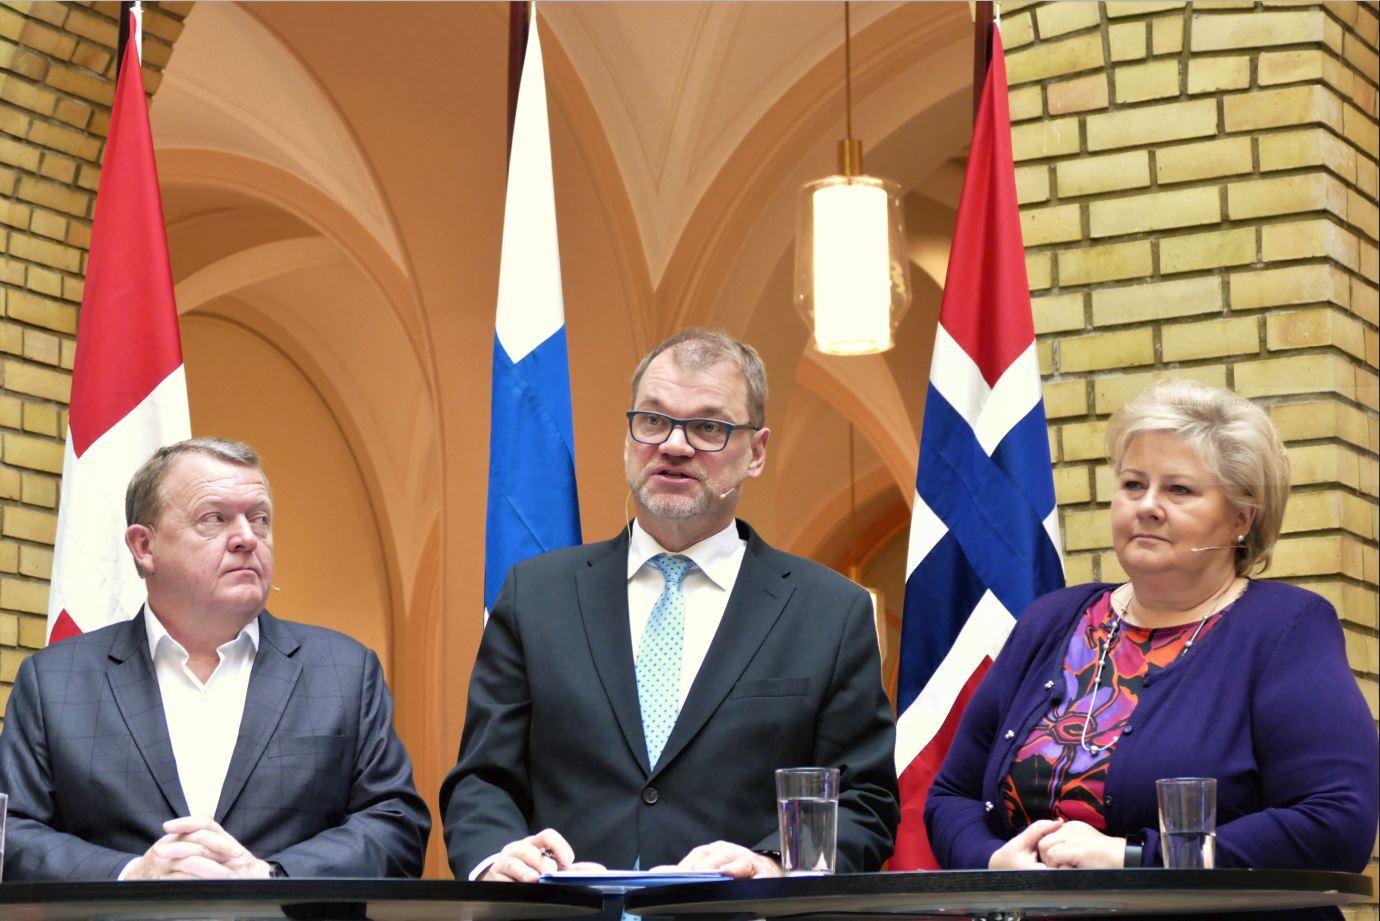 Blygsam ökning i jämställdheten på Nordens maktpositioner